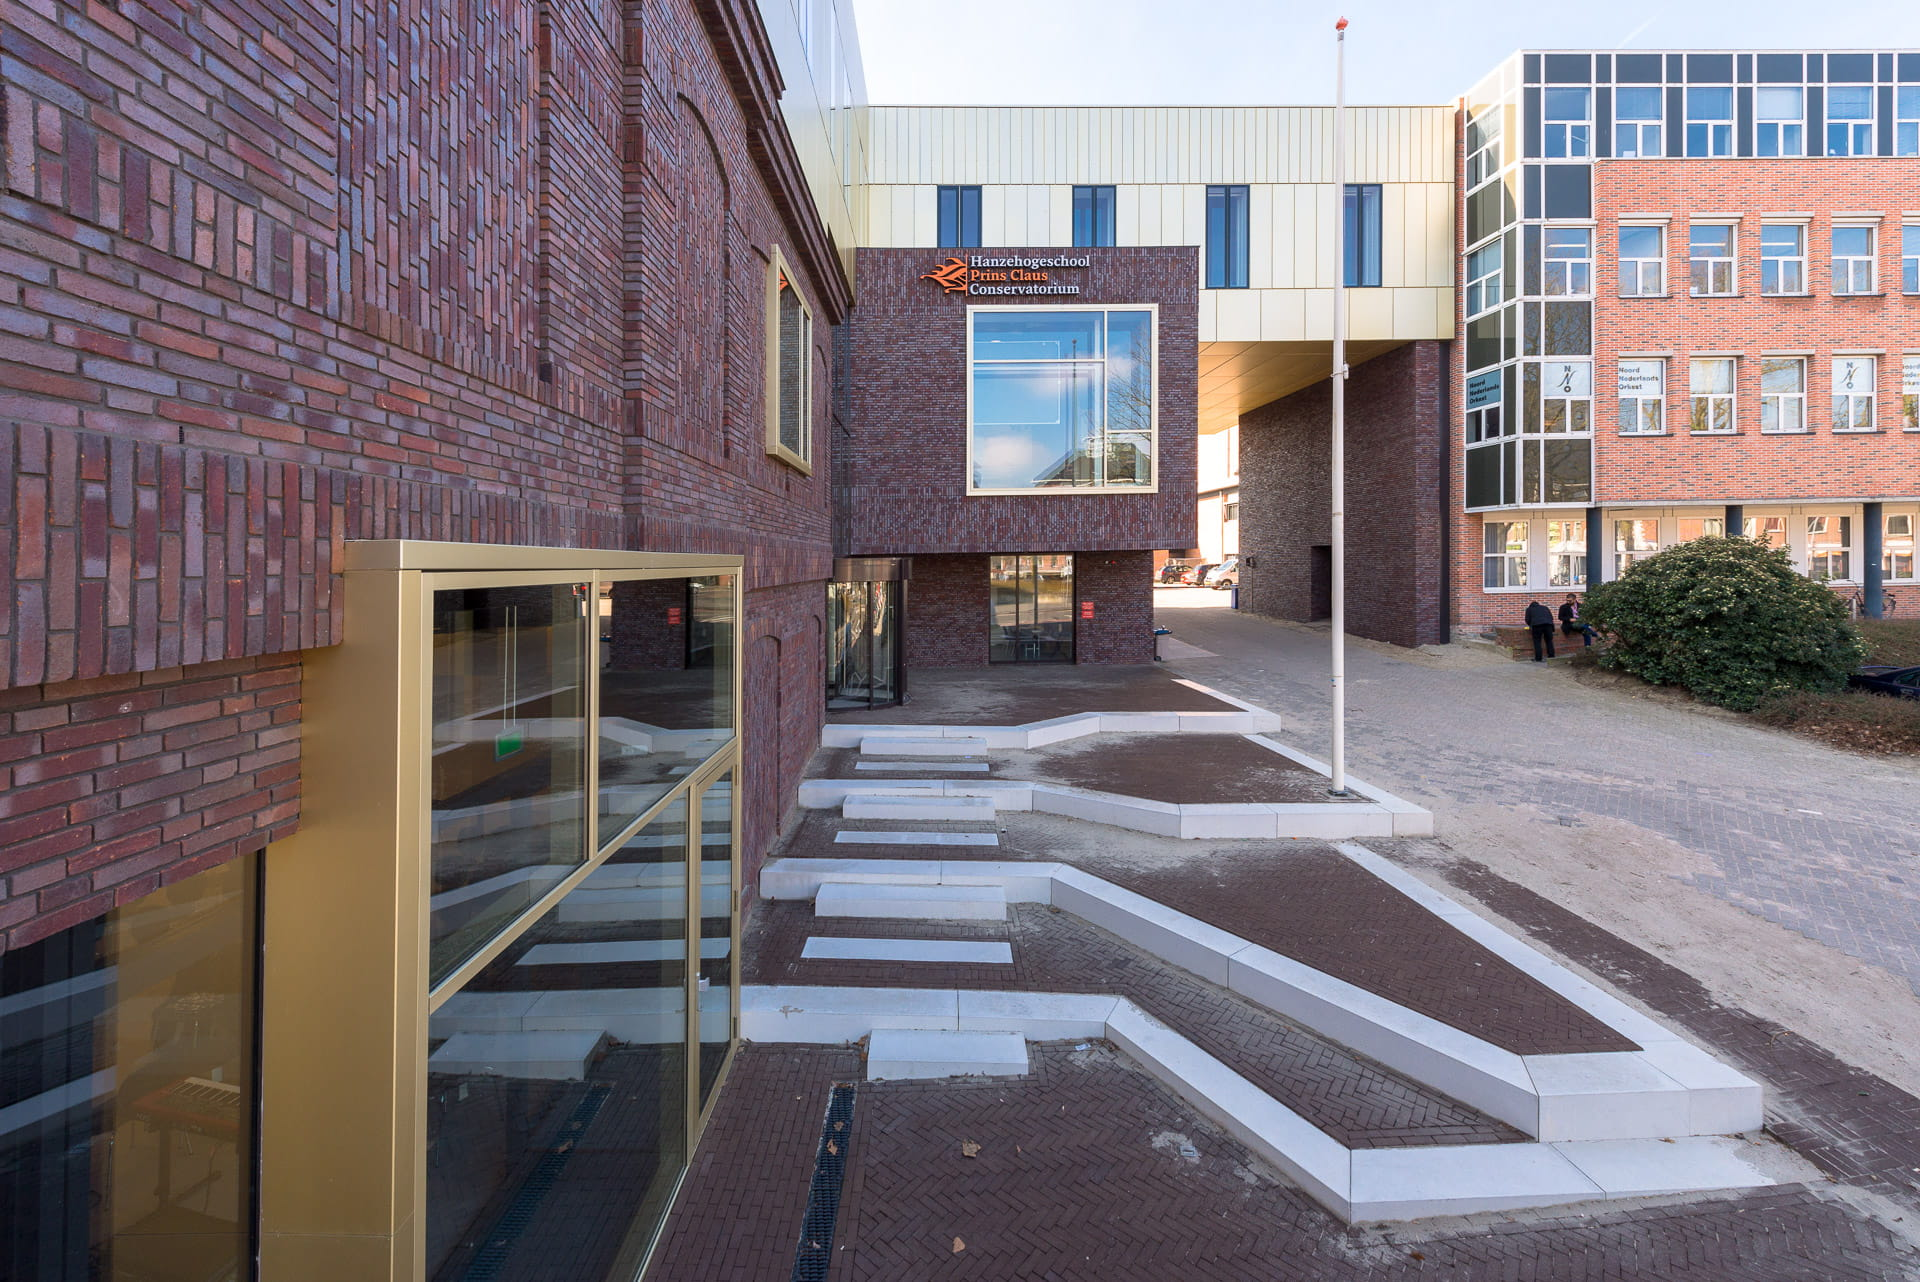 Ingang van het Prins Claus Conservatorium in Groningen met zicht op de stenen trappen.